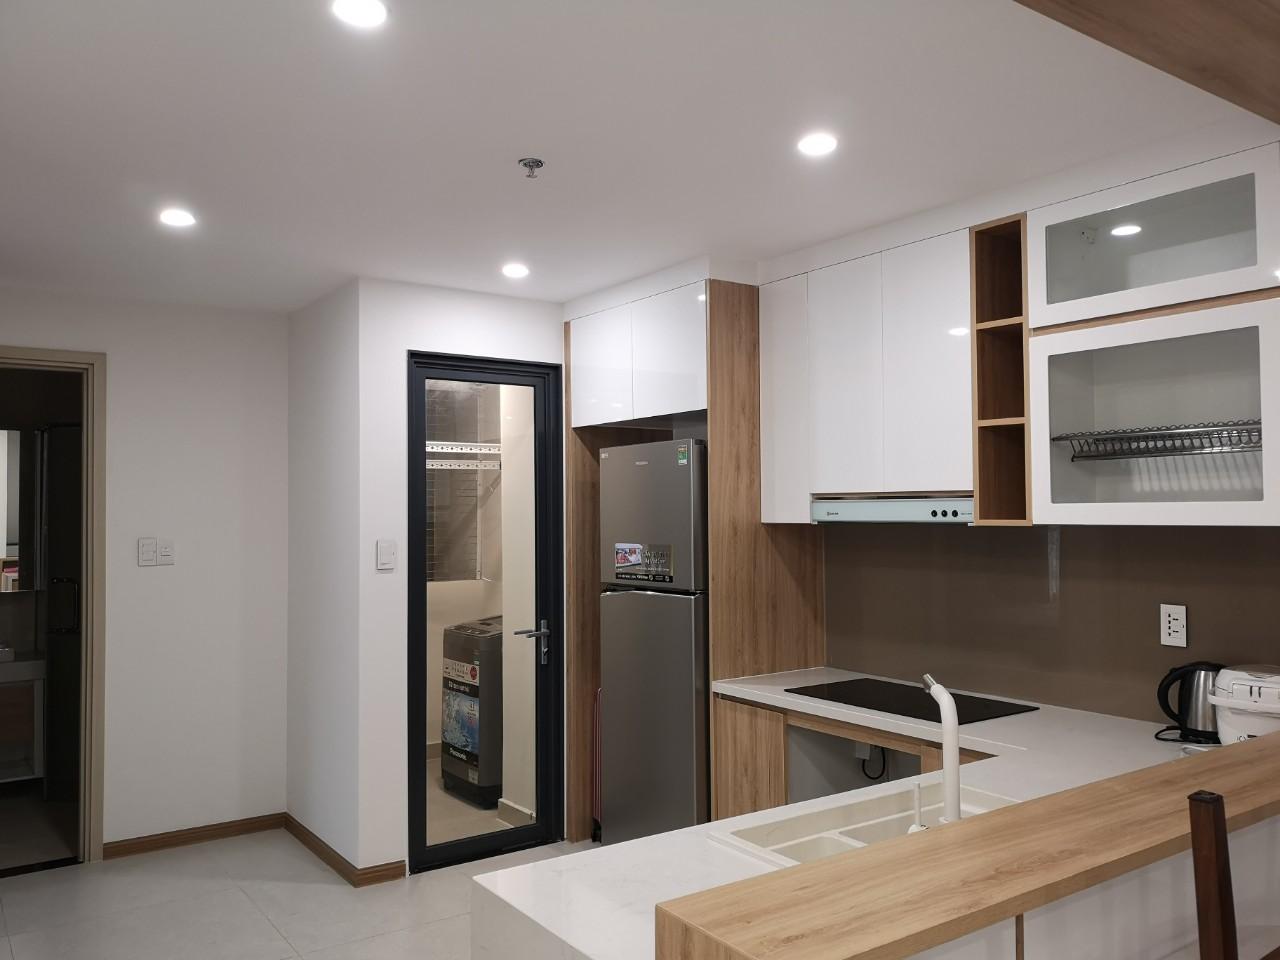 Cho thuê 3 phòng ngủ New City Thủ Thiêm - ID 010143